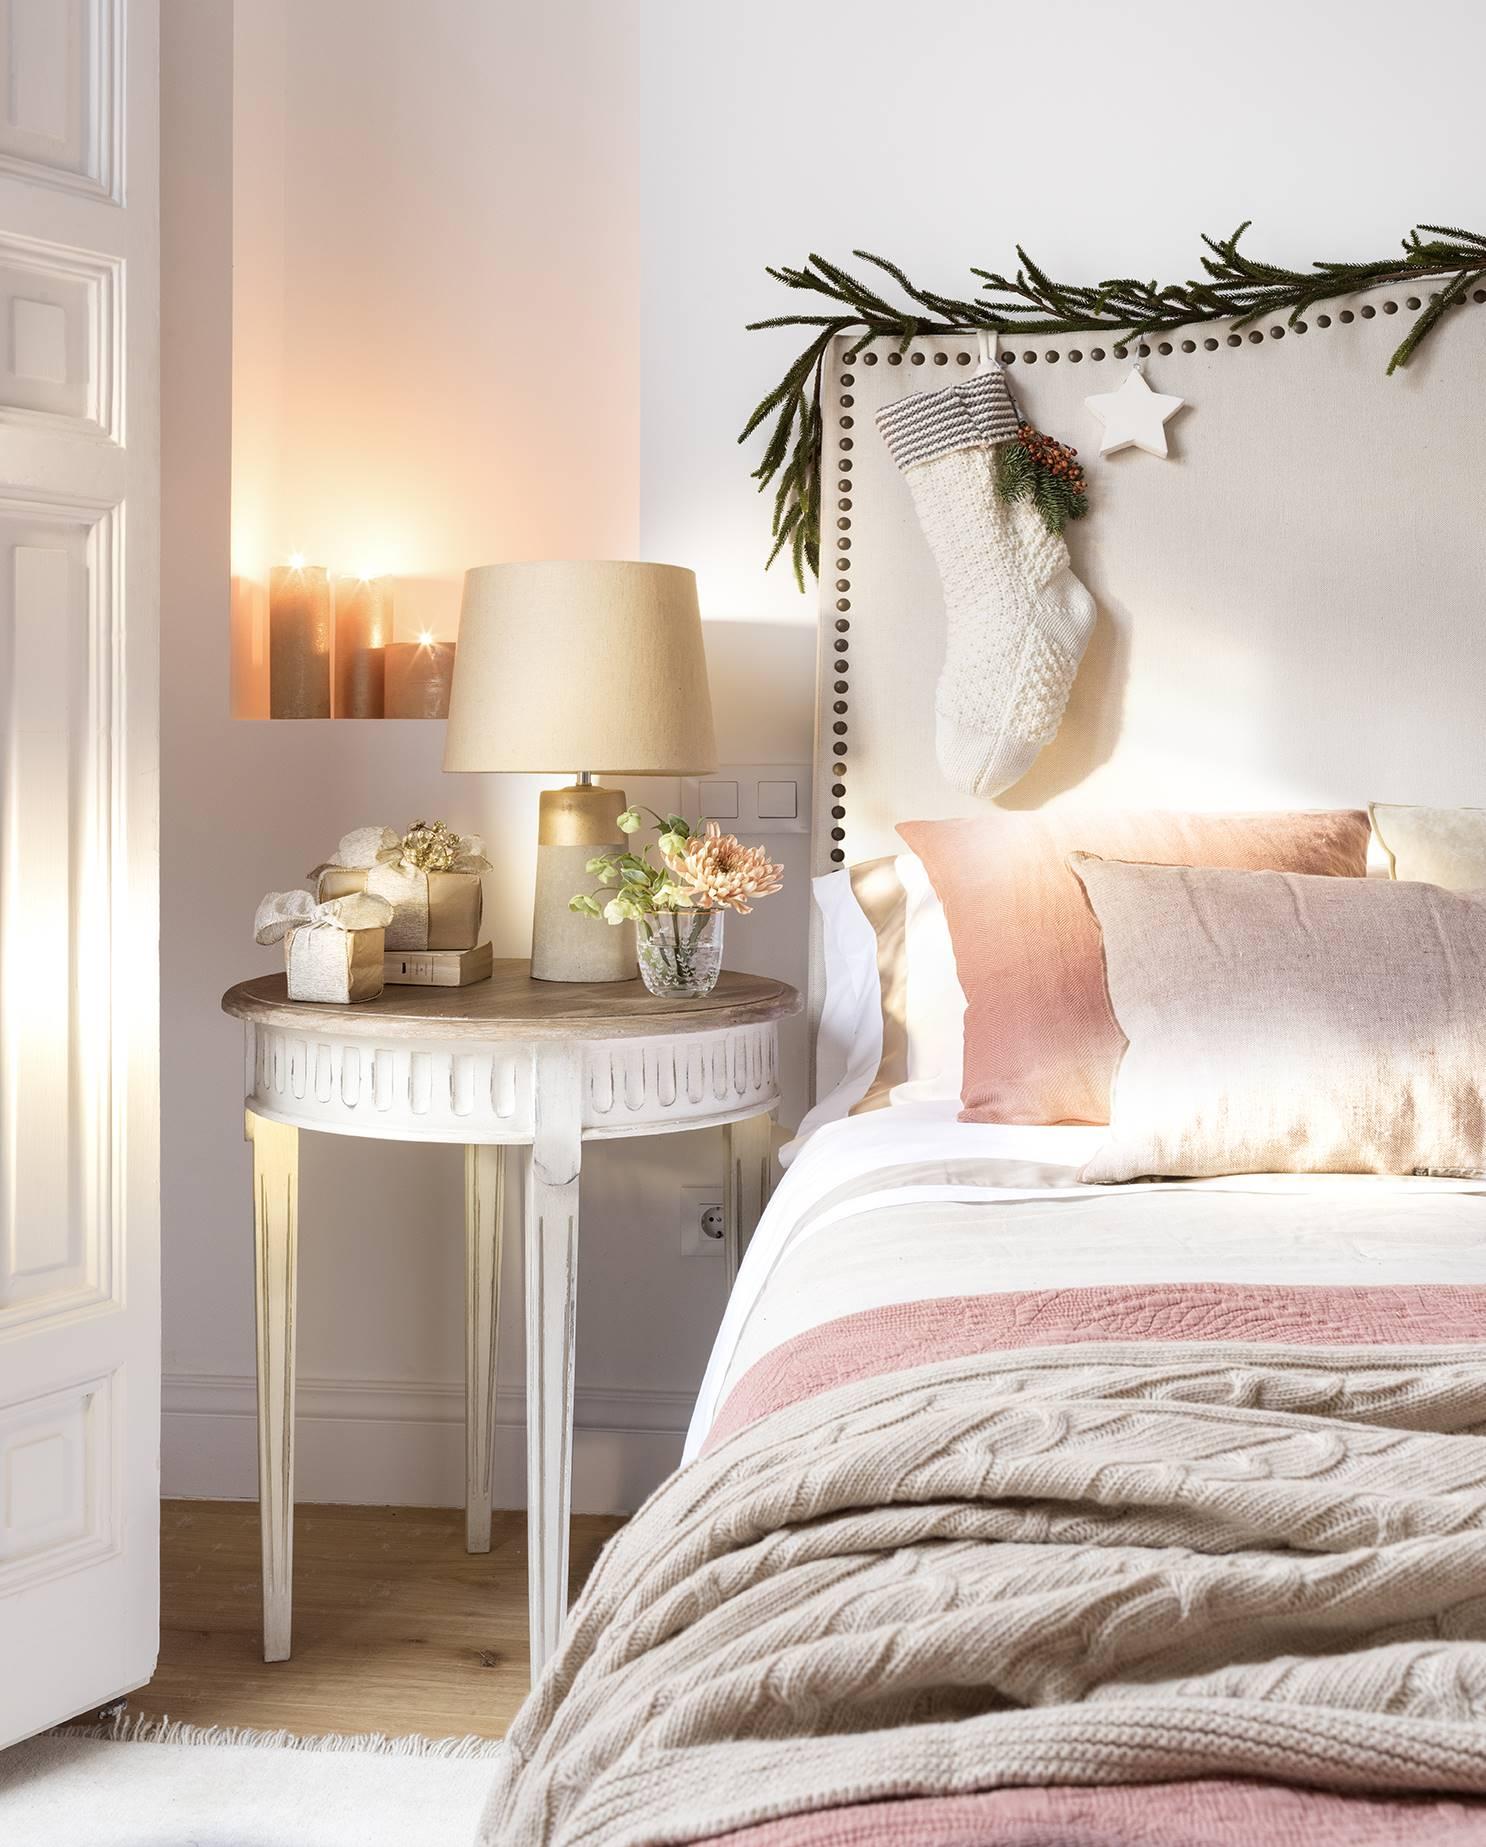 новогодний декор в спальне изголовье кровати